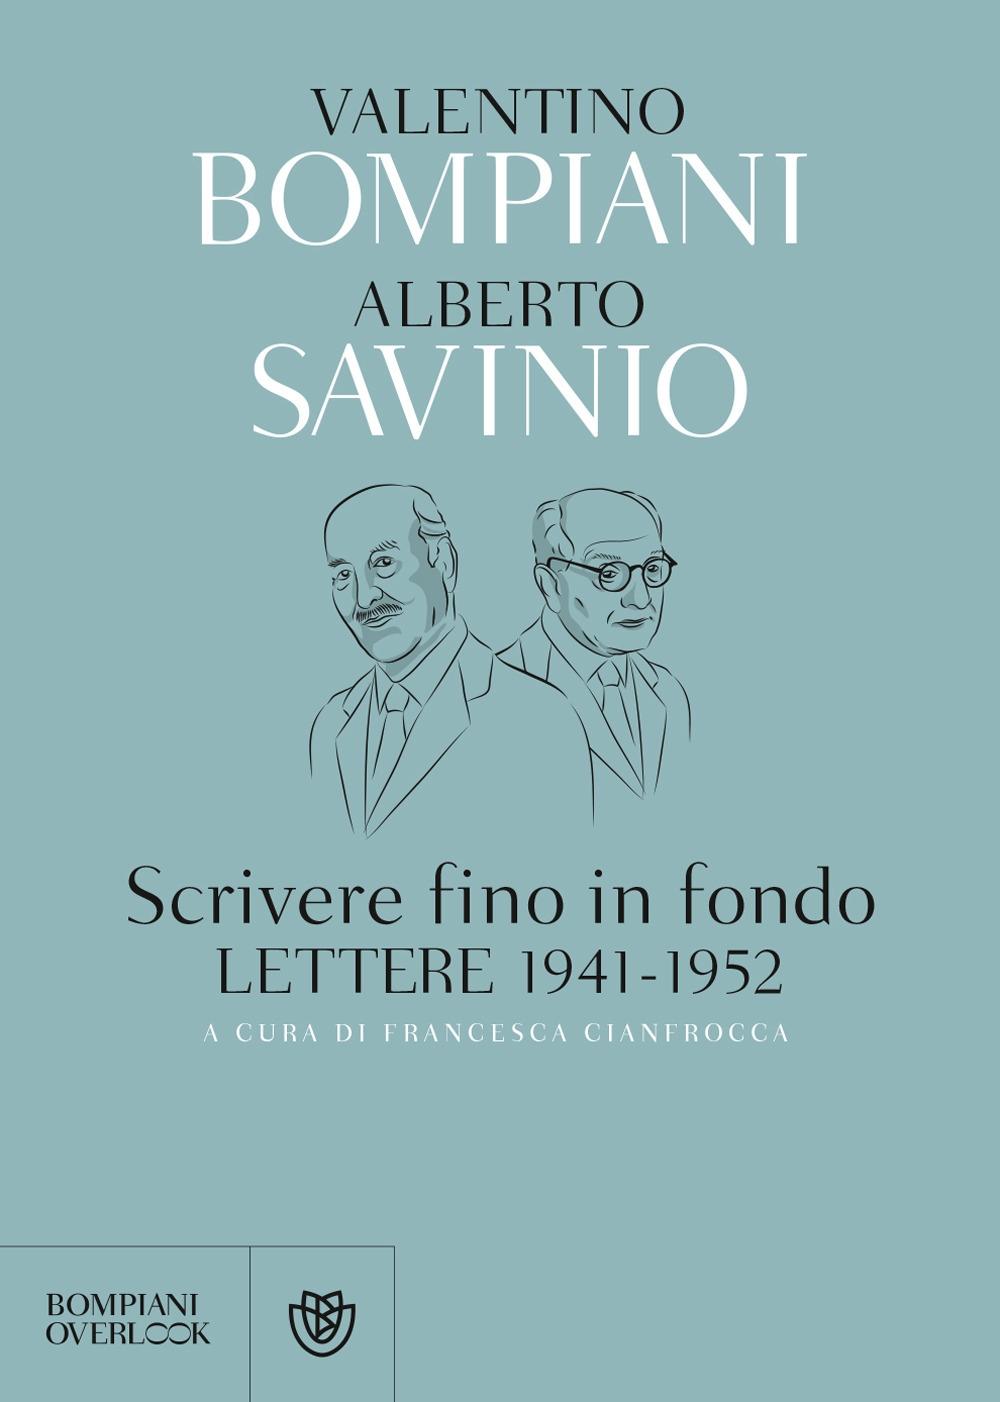 Scrivere fino in fondo. Lettere 1941-1952 - Bompiani Valentino; Savinio Alberto